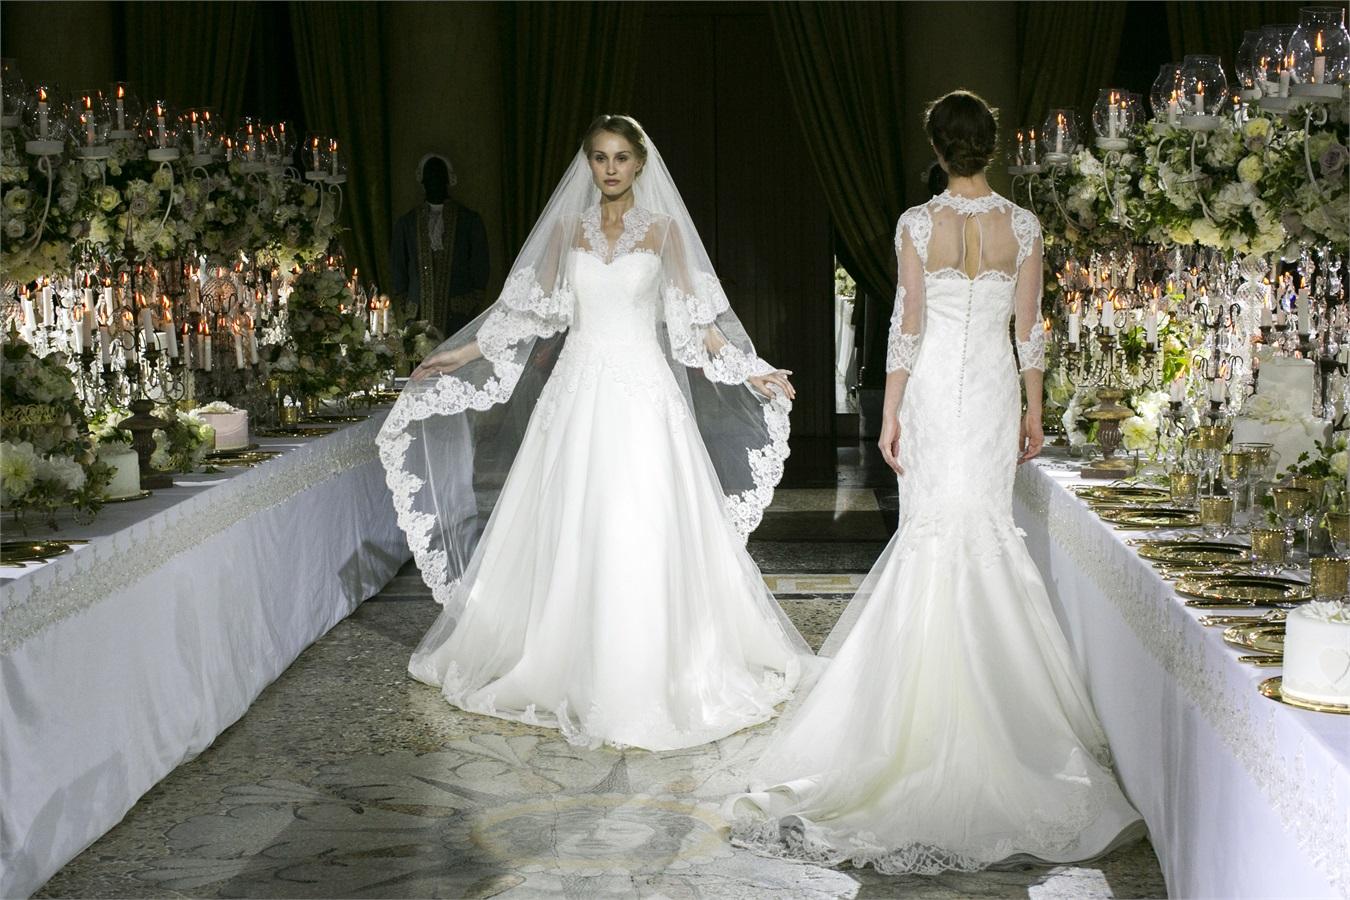 stilista prezzo incredibile prezzo ragionevole Enzo Miccio Bridal 2015 abiti da sposa | Smodatamente